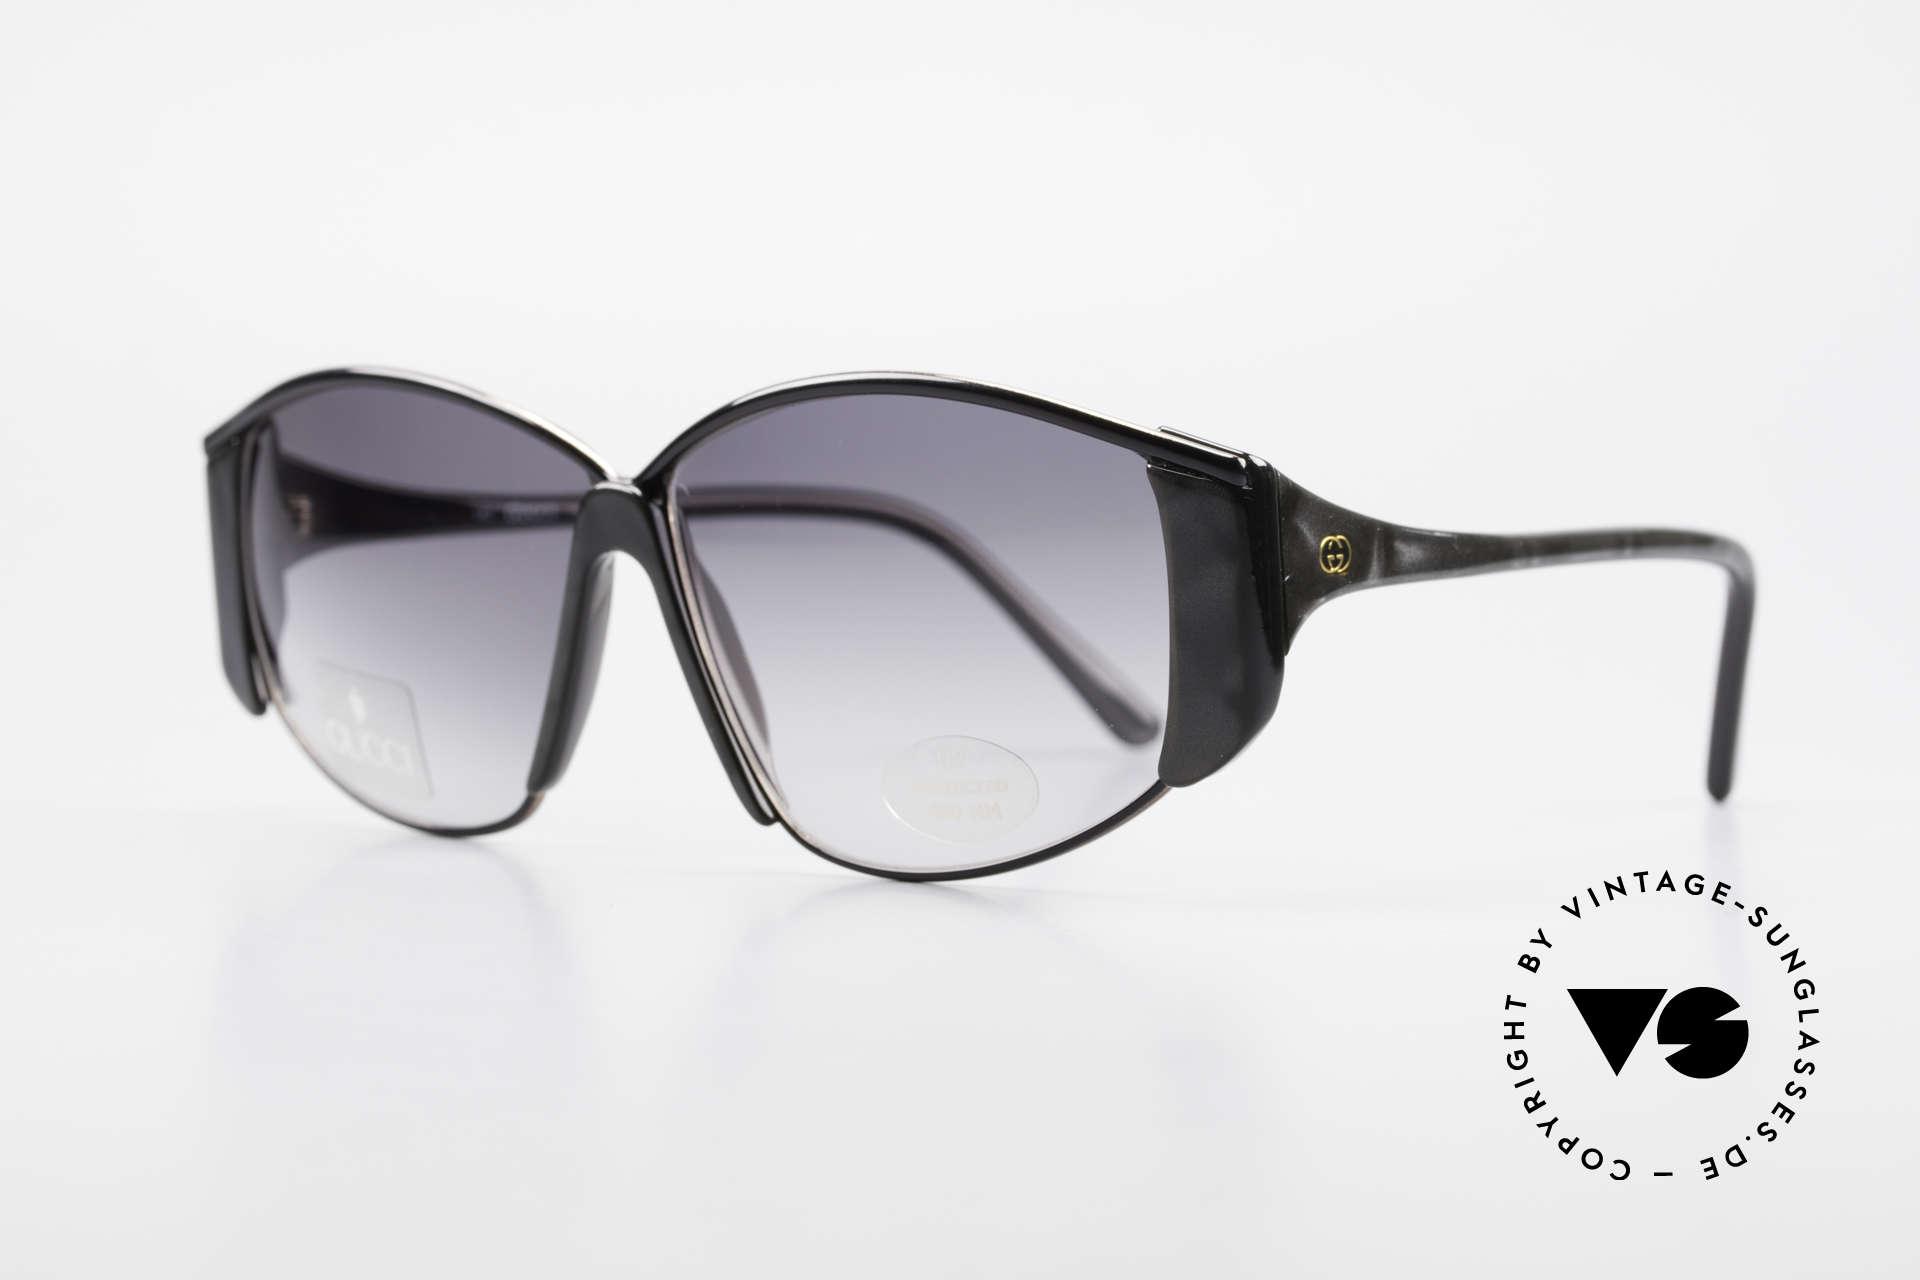 Gucci 2308 80er Damen Vintage XL Brille, sehr eigenständiges Rahmendesign in Top-Qualität, Passend für Damen